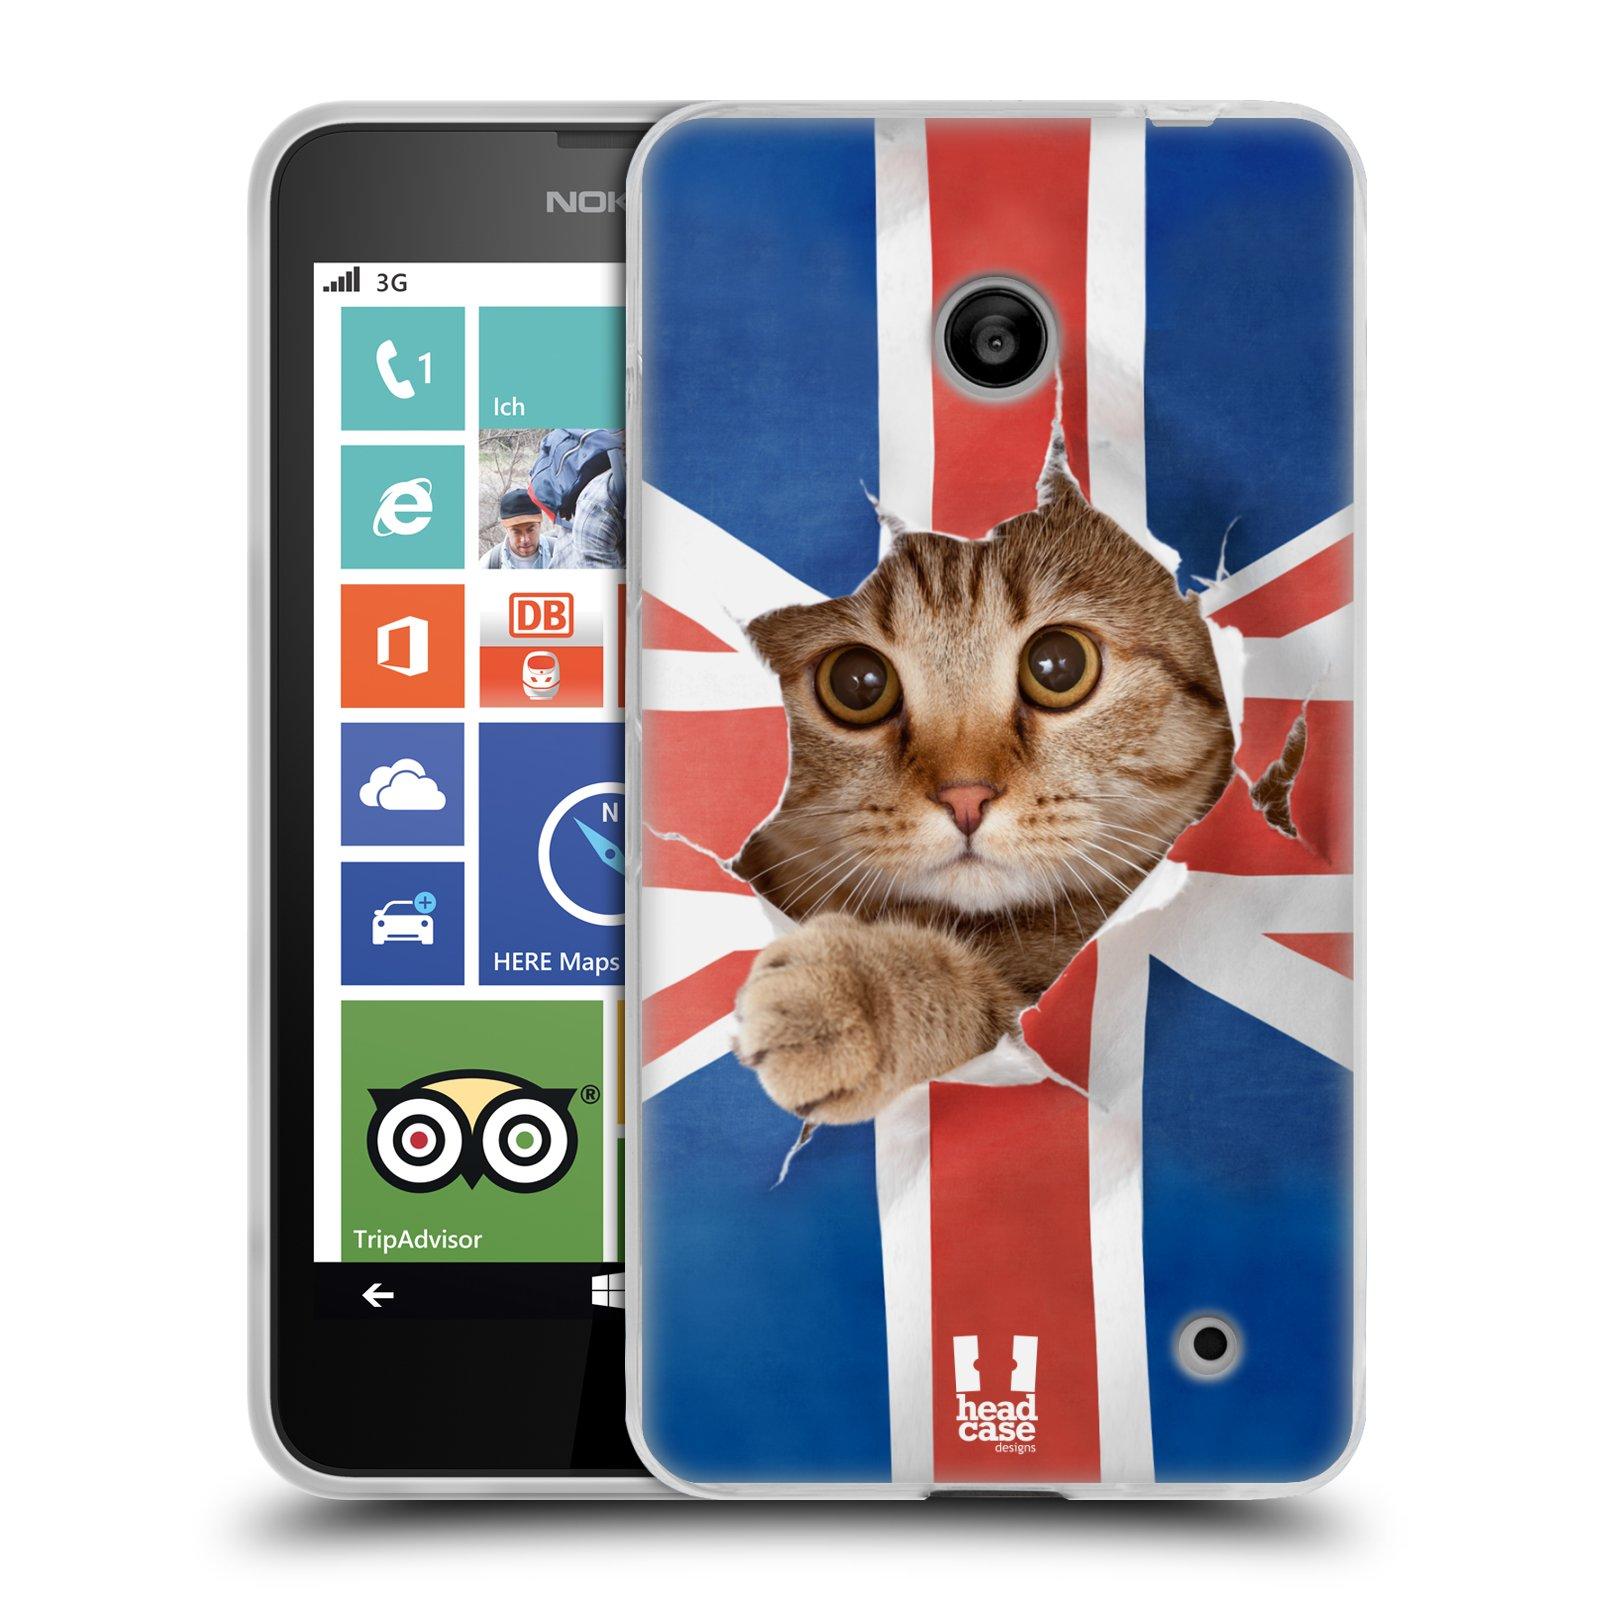 Silikonové pouzdro na mobil Nokia Lumia 630 HEAD CASE KOČKA A VLAJKA (Silikonový kryt či obal na mobilní telefon Nokia Lumia 630 a Nokia Lumia 630 Dual SIM)